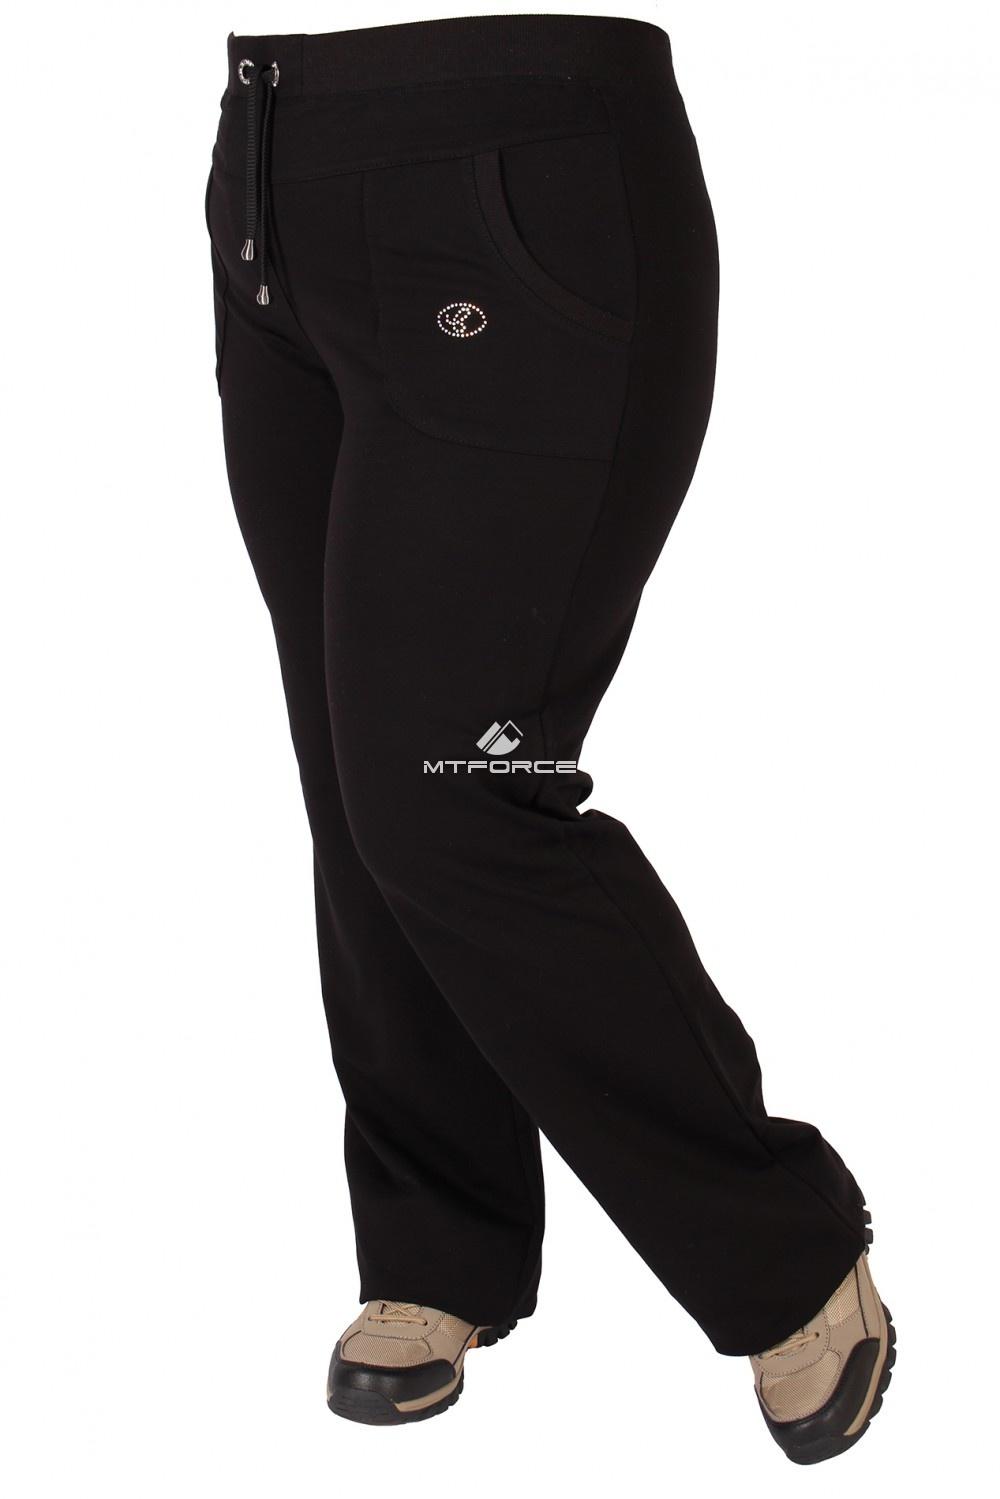 Купить оптом Брюки трикотажные женские большого размера черного цвета 06Ch в  Красноярске